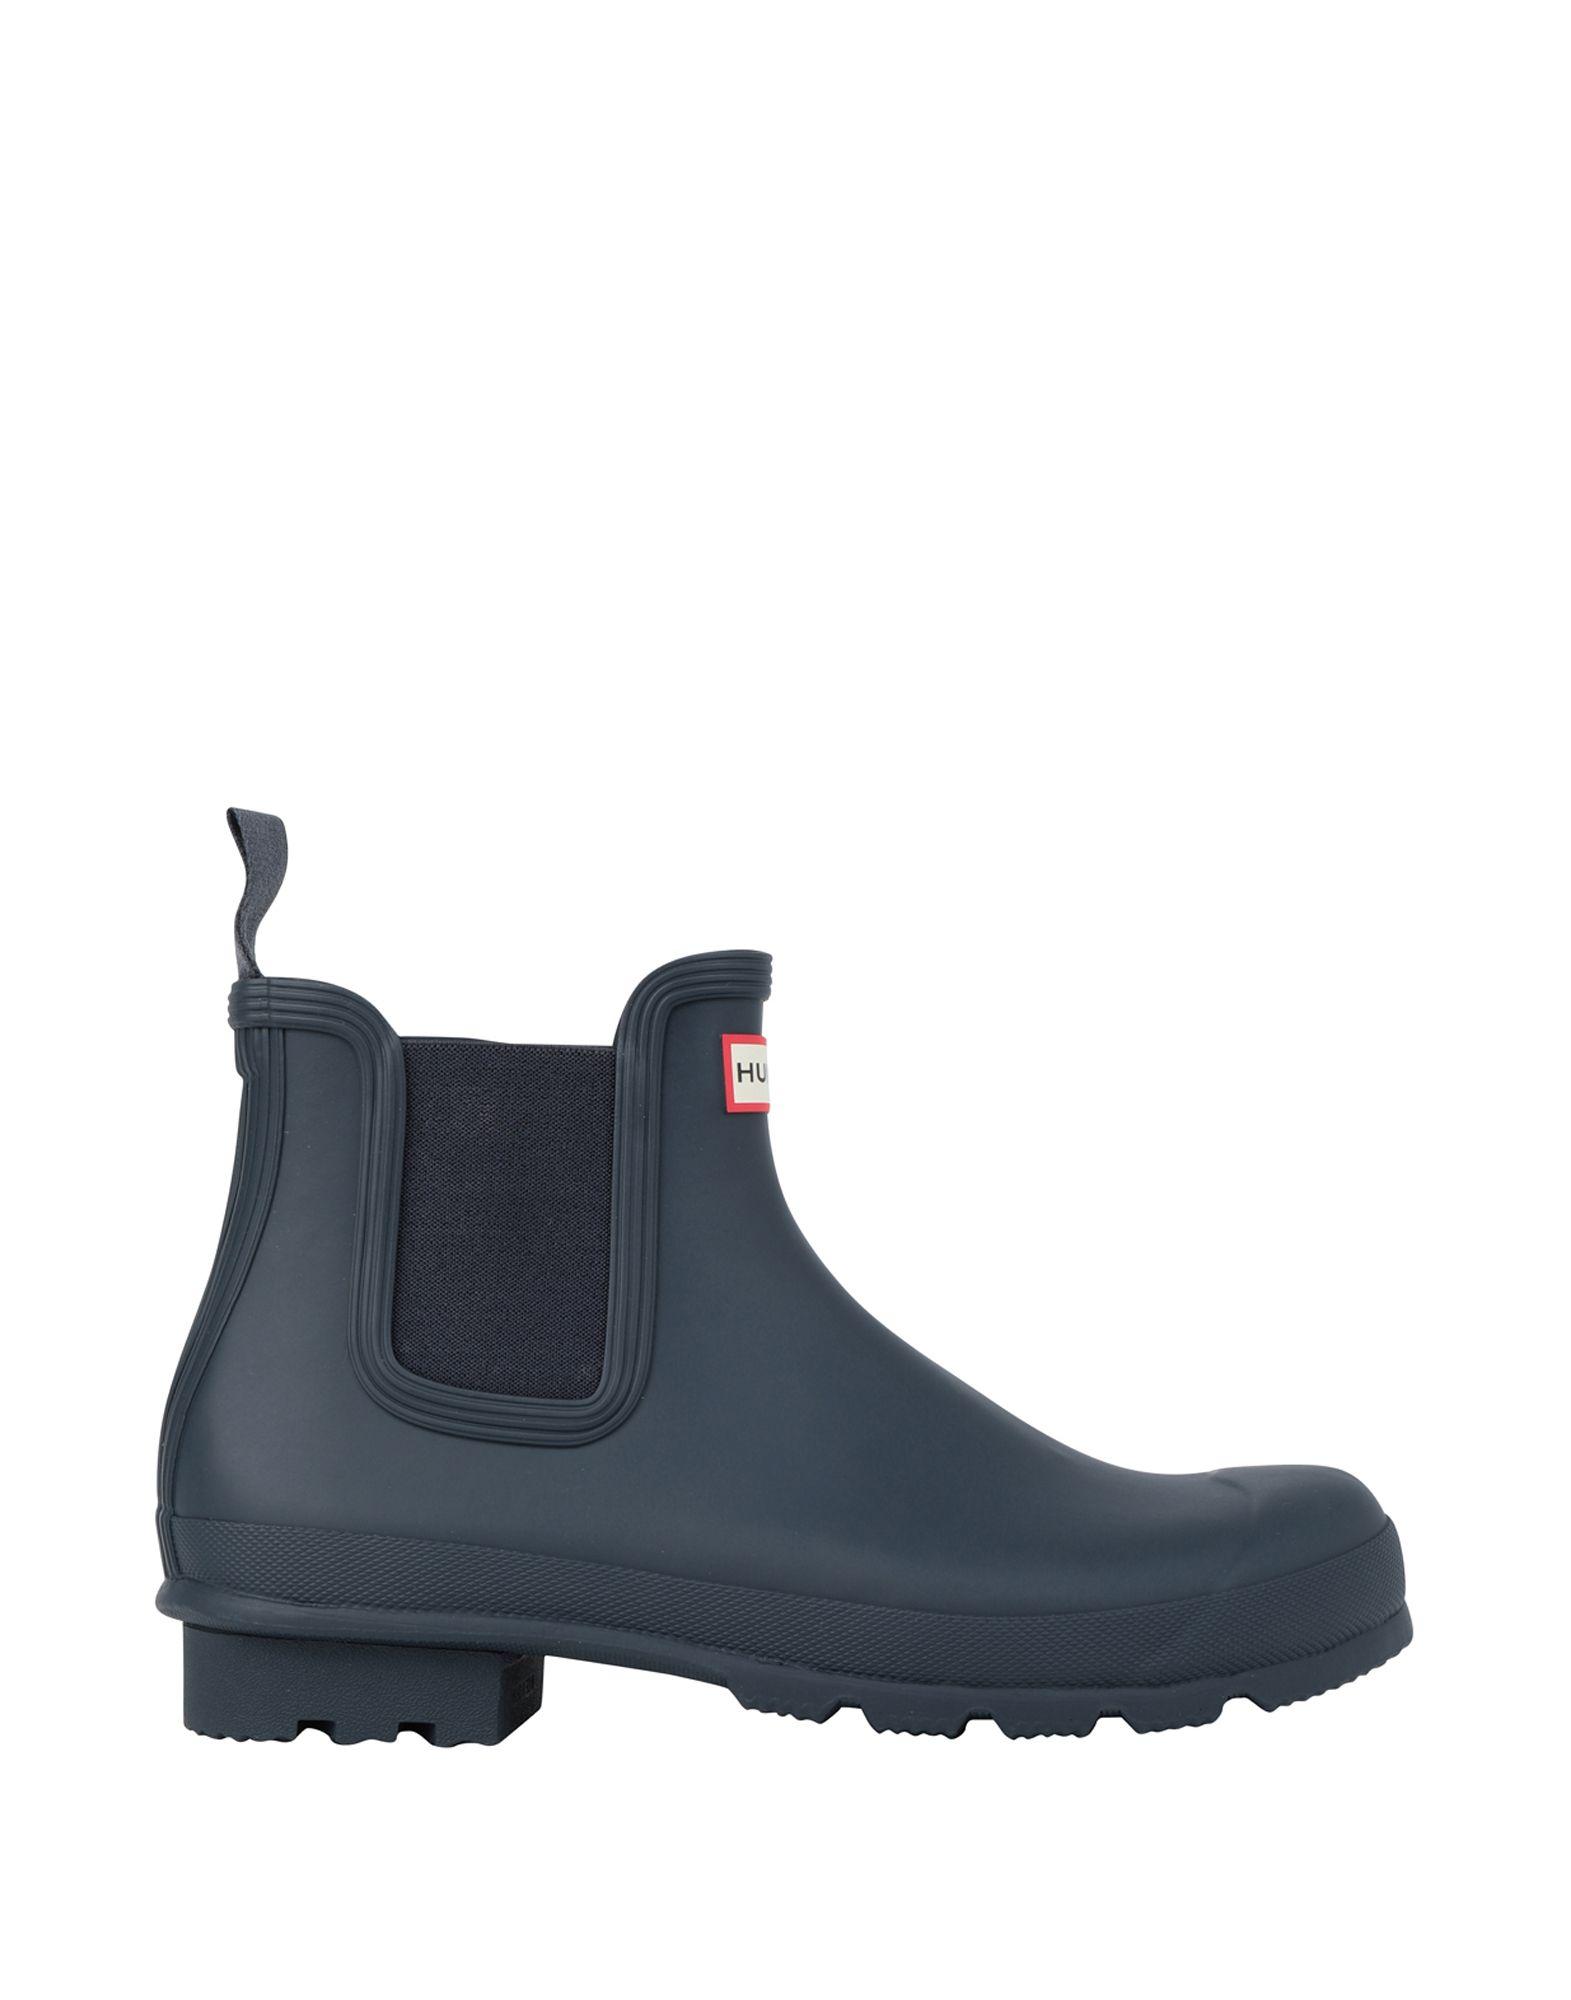 HUNTER Полусапоги и высокие ботинки ботинки лыжные nn75 spine nordik размер 41